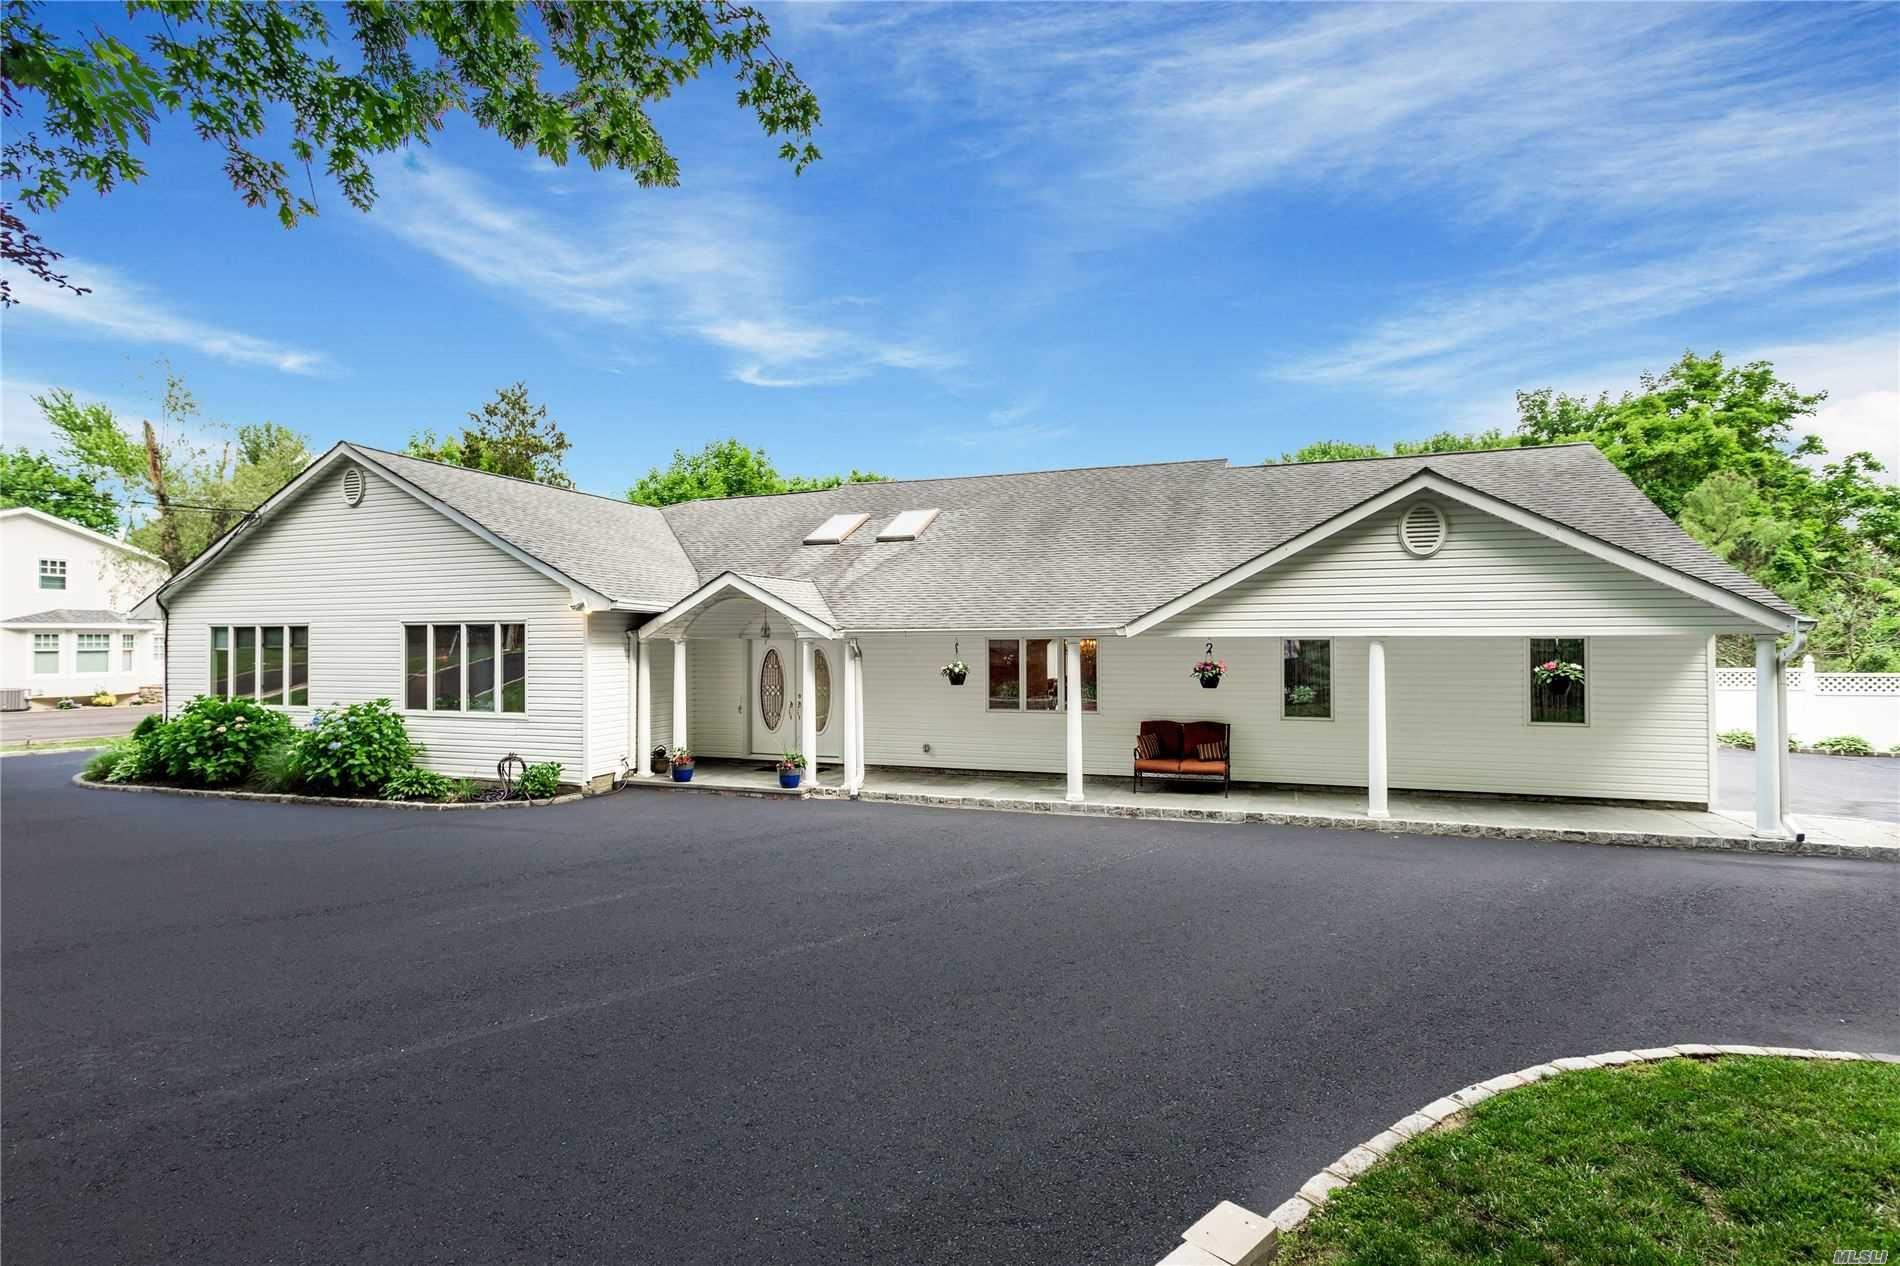 438 Wolf Hill Rd, Dix Hills, NY 11746 - MLS#: 3223468